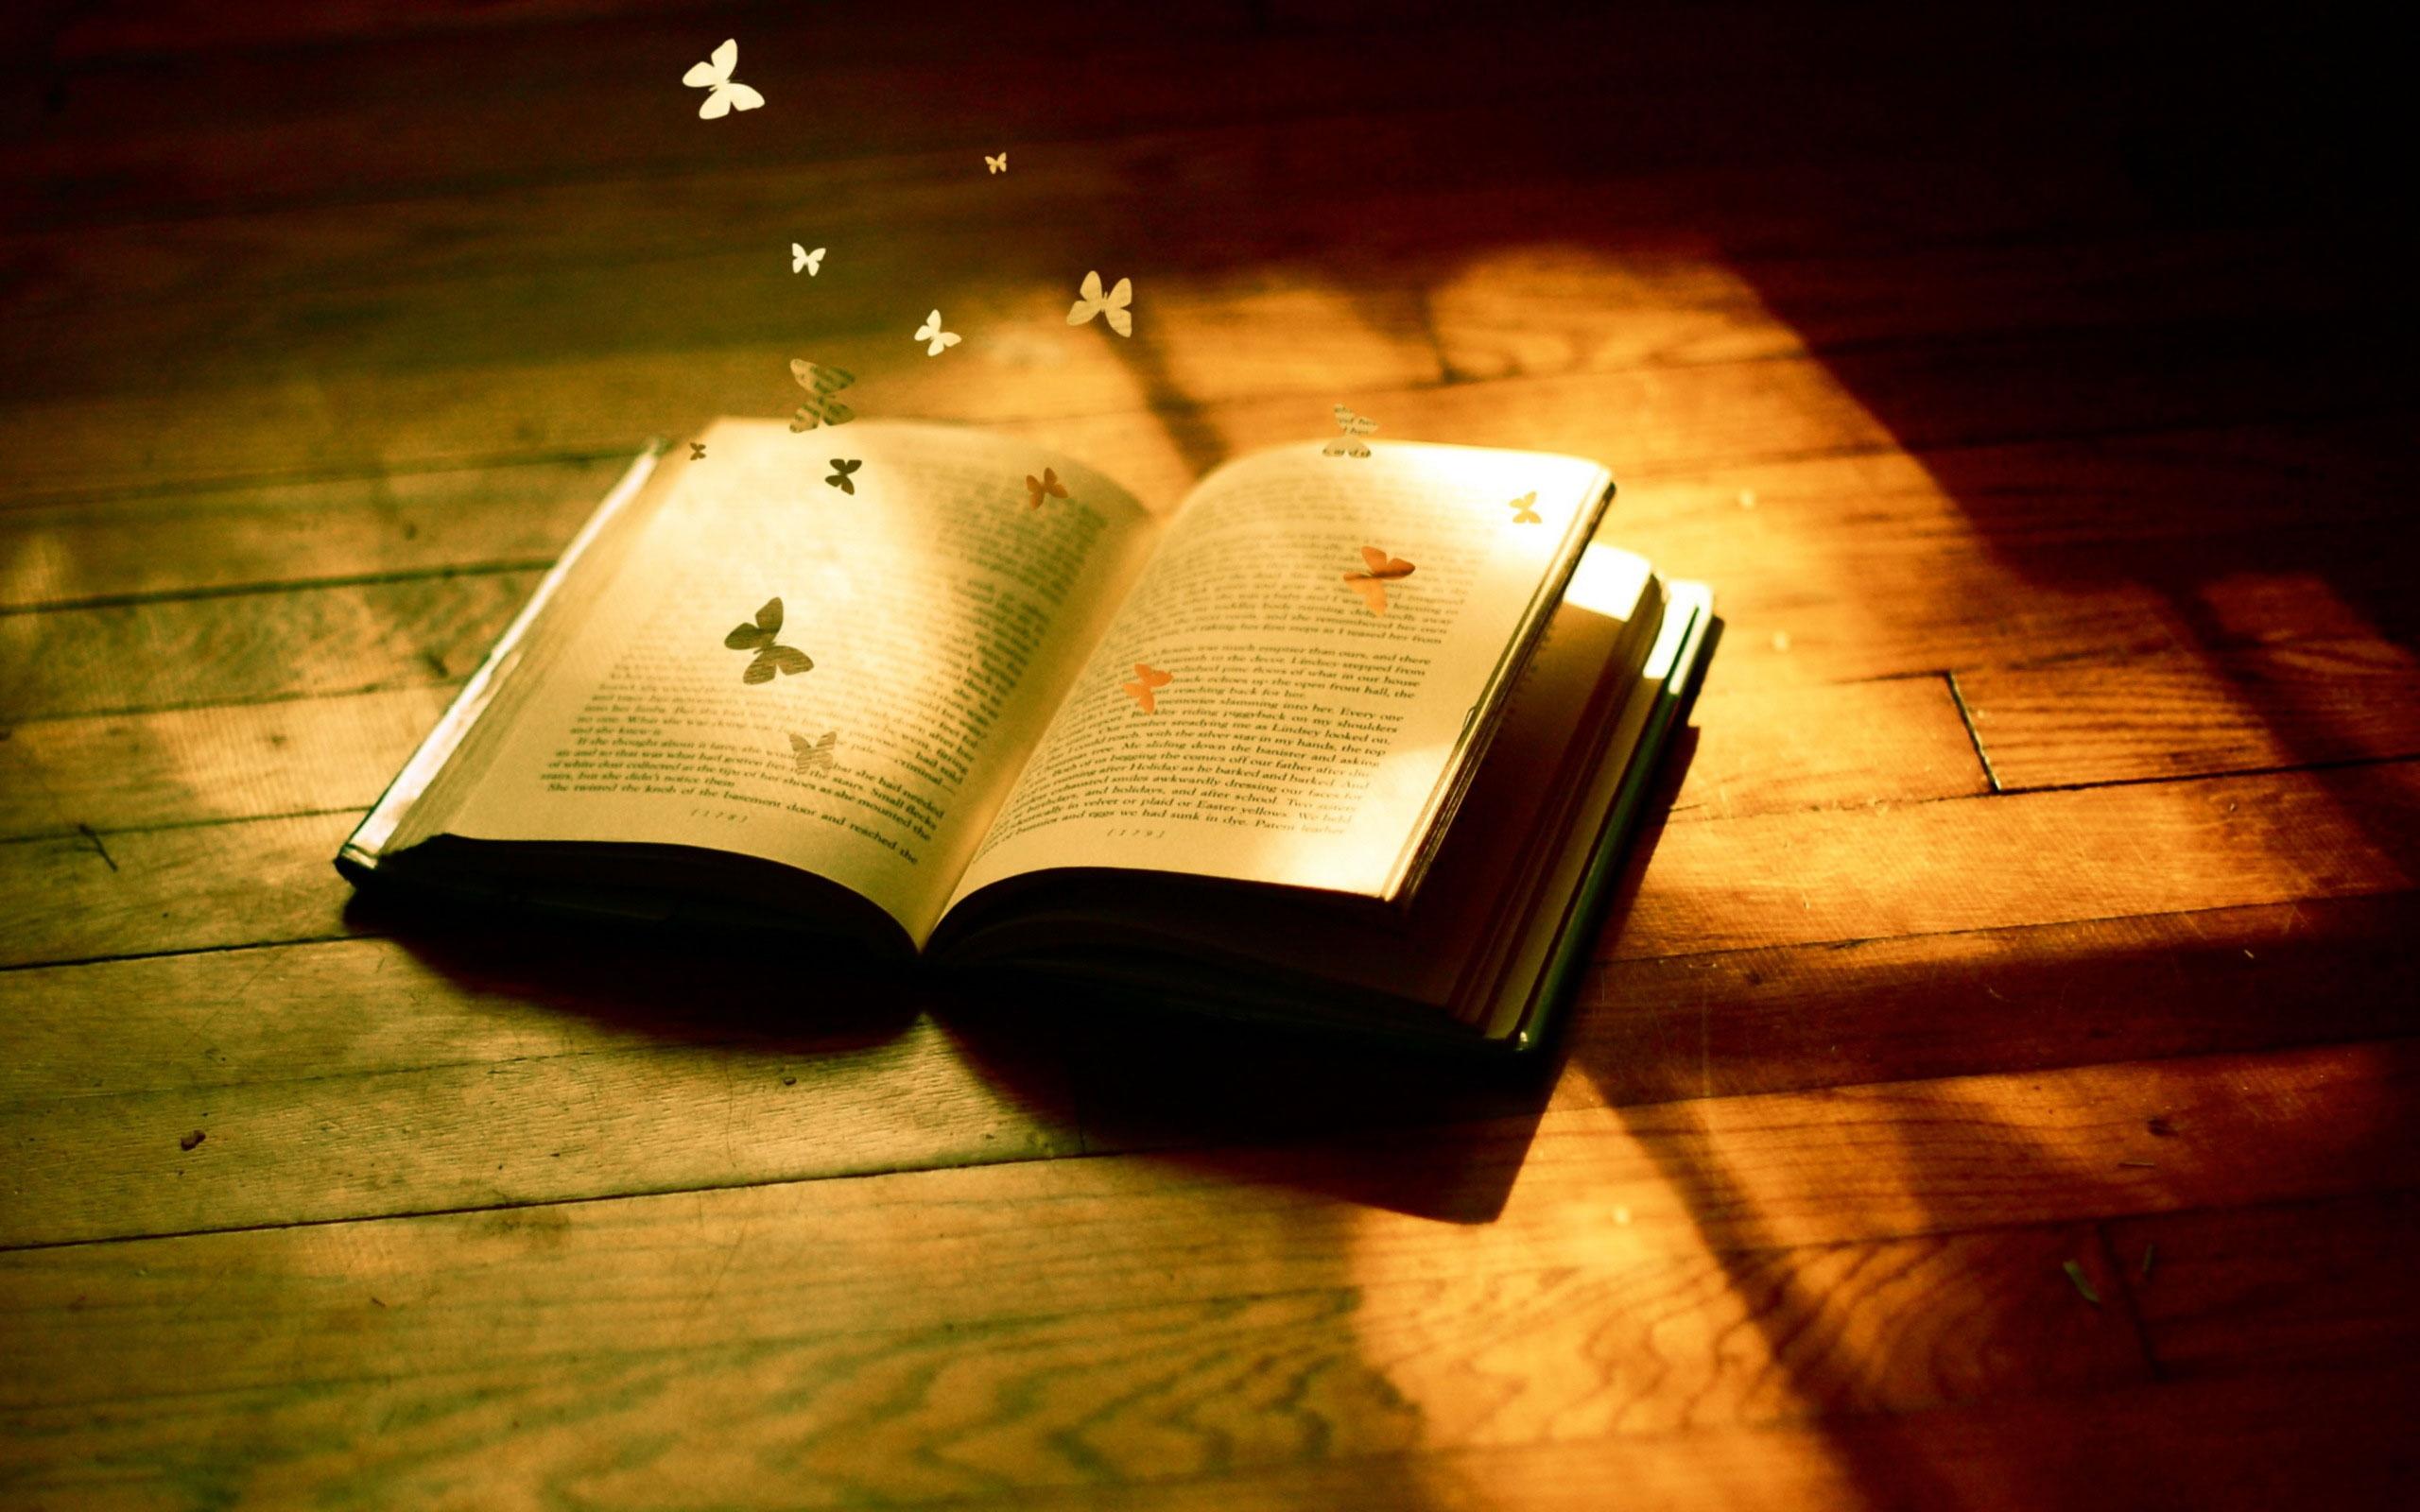 Học làm người, là bài học suốt đời chưa ai tốt nghiệp...